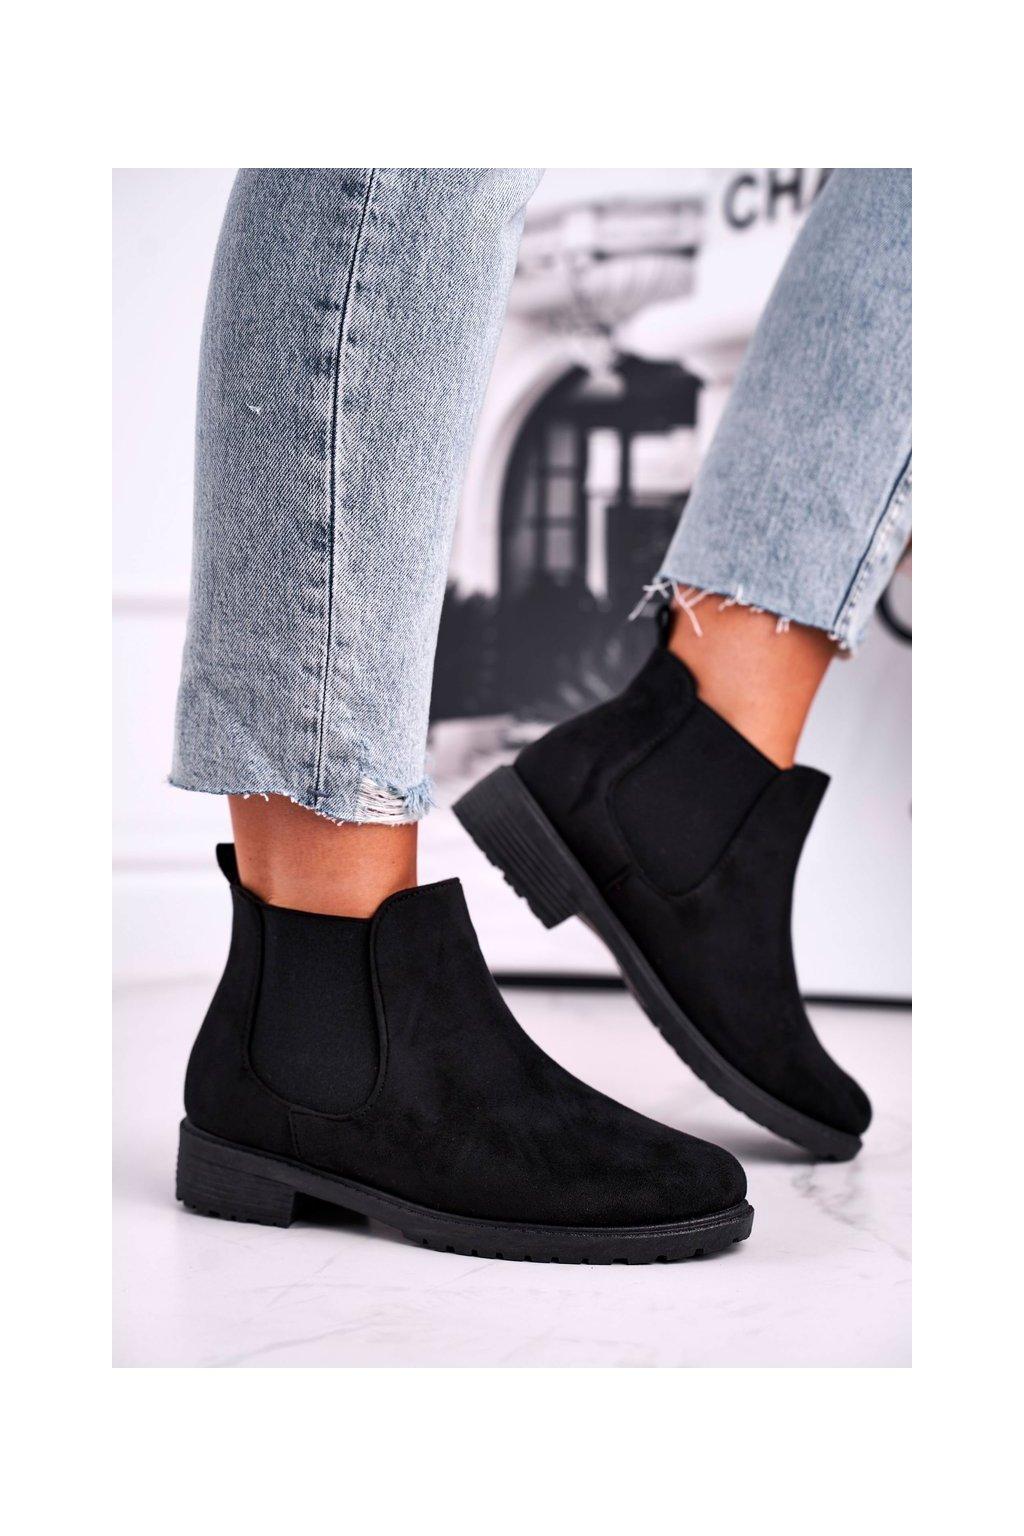 Členkové topánky na podpätku farba čierna kód obuvi XY2653-1 BLK